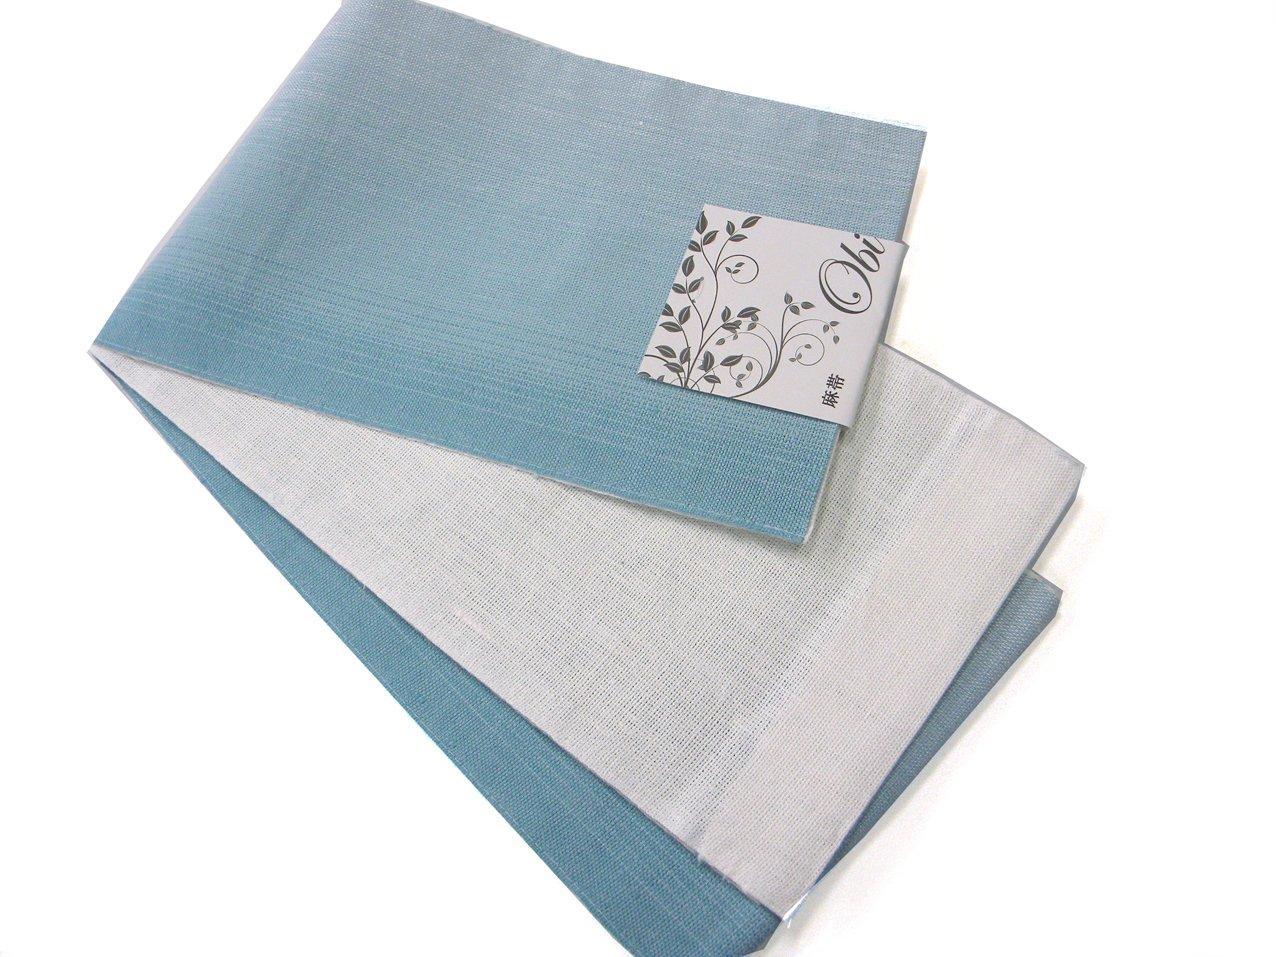 半巾帯 本麻長尺 浴衣帯 両面ぼかし 麻帯 赤/紺/薄紫/薄黄/水色 B07DMFXHPV 水色 水色